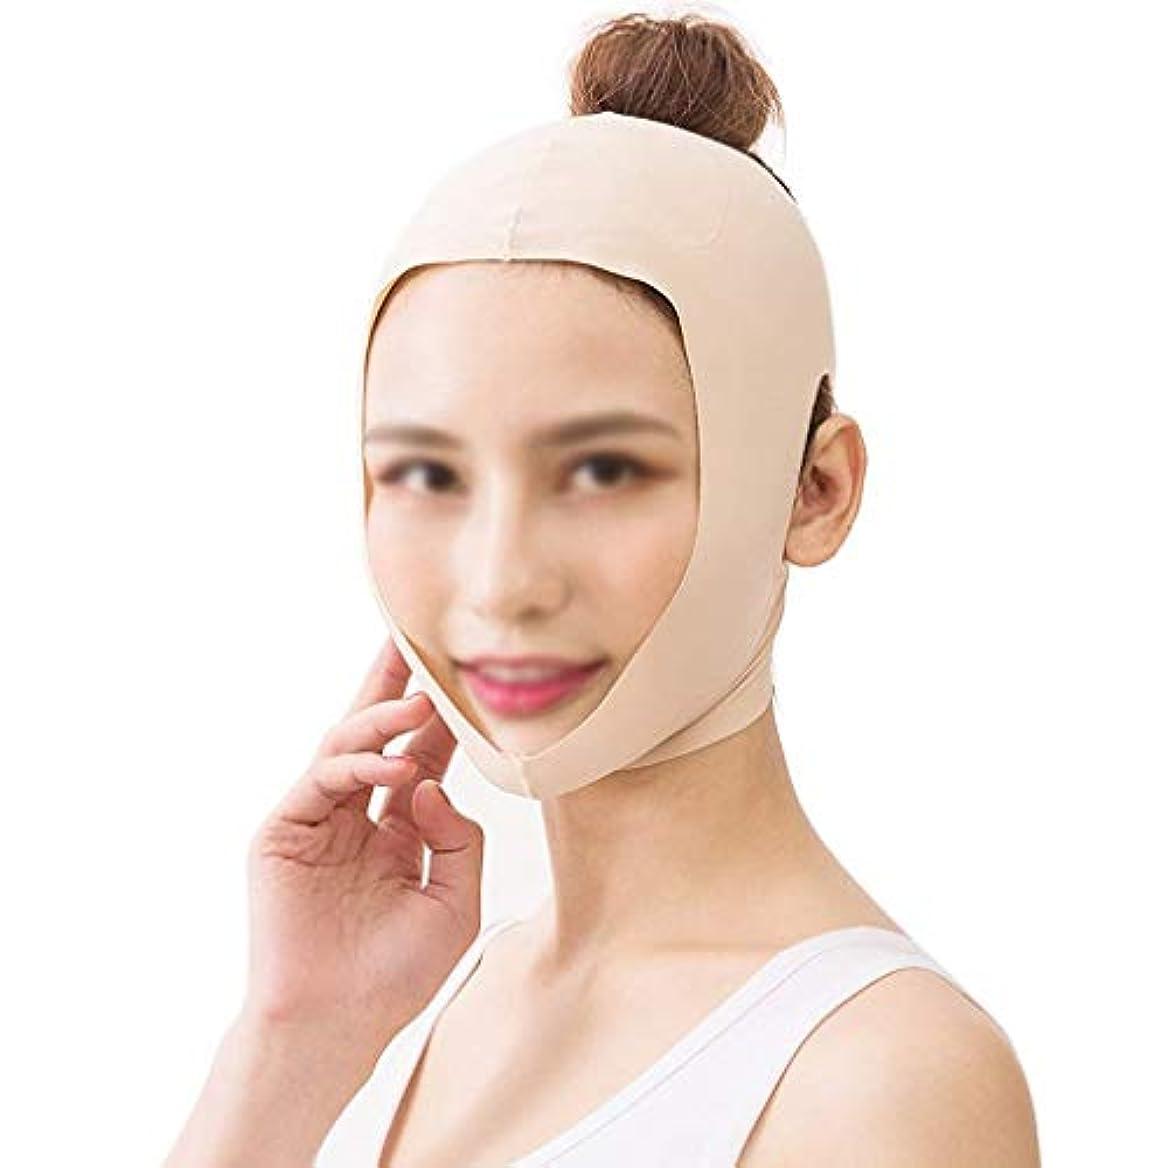 フェイスリフト用フェイシャル引き締め包帯、フェイシャルリフティングツール、二重あごを減らすためのリフティング包帯